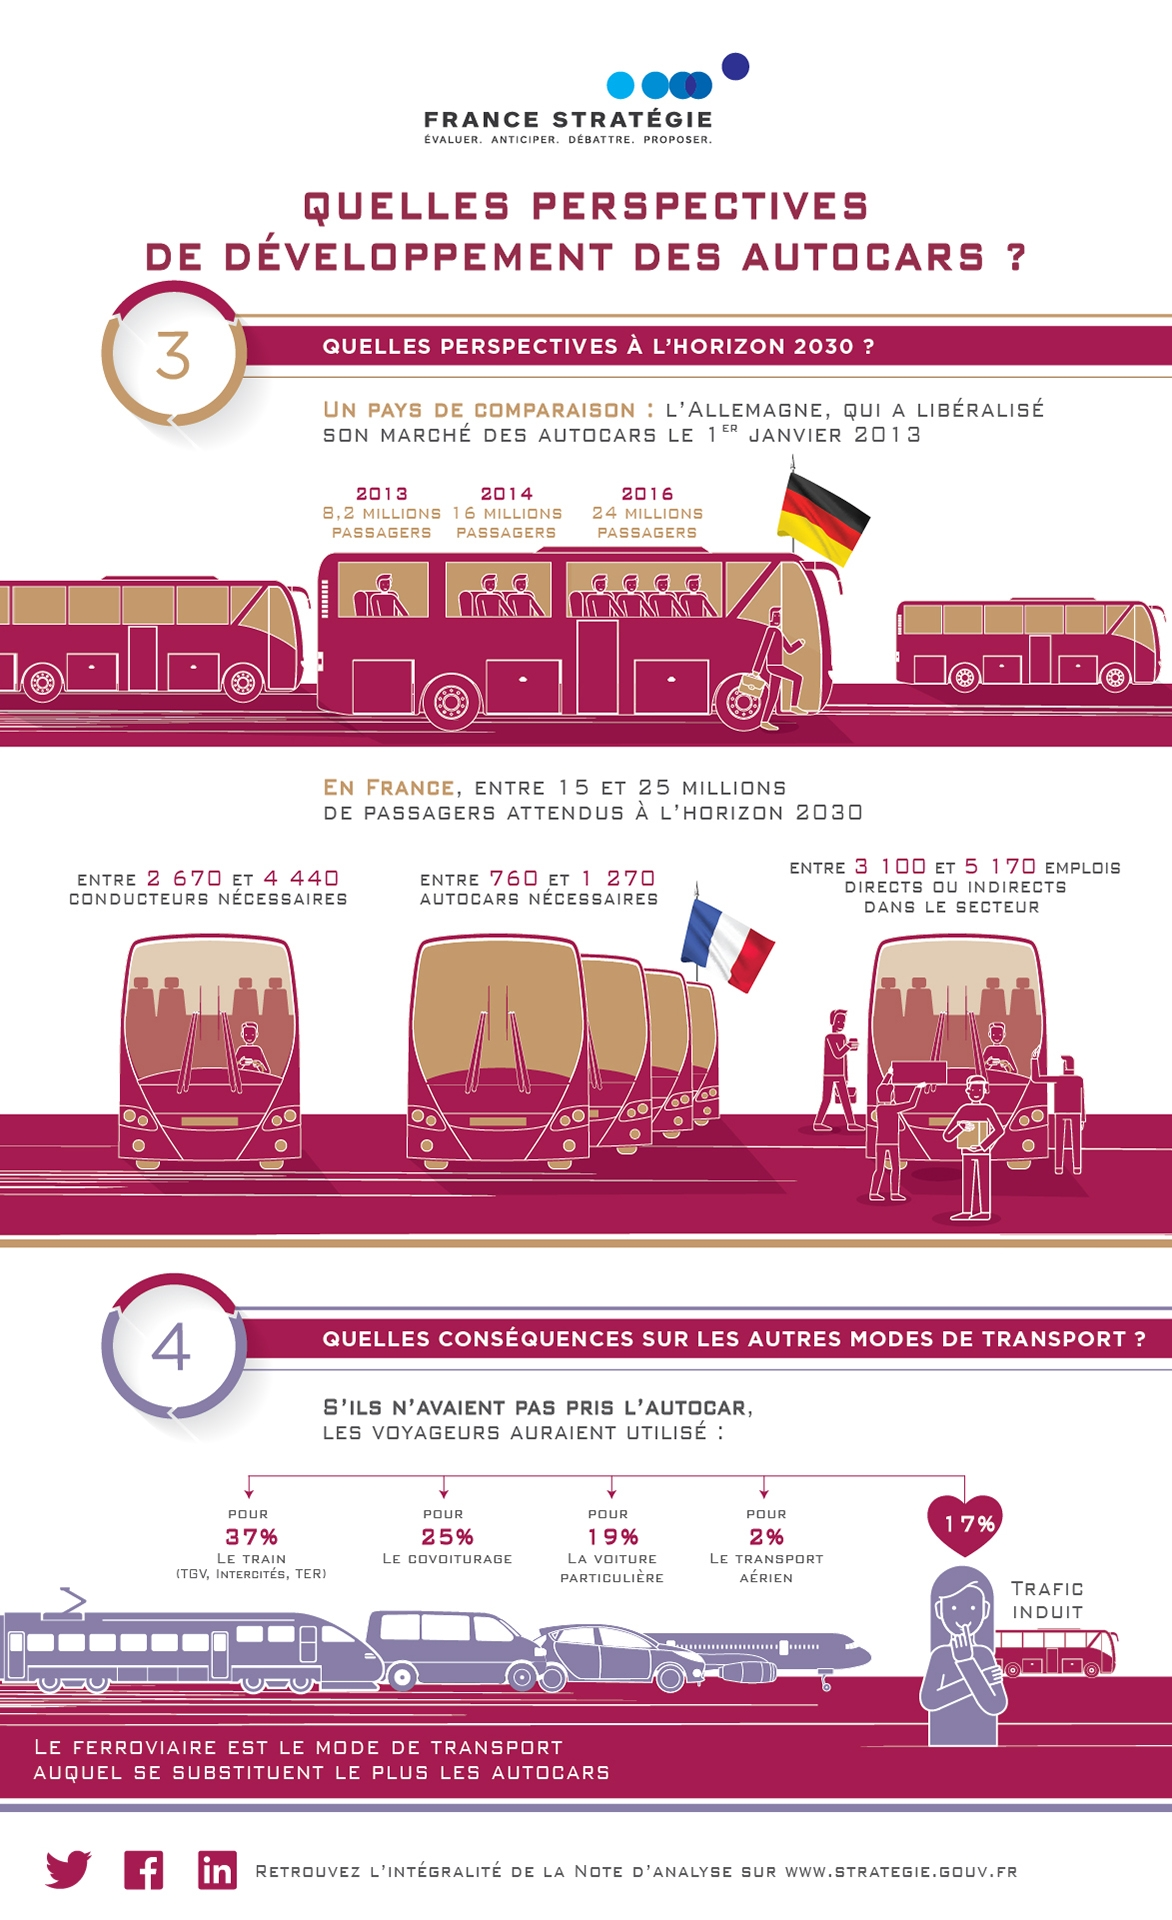 Perspectives de développement des autocars - 2